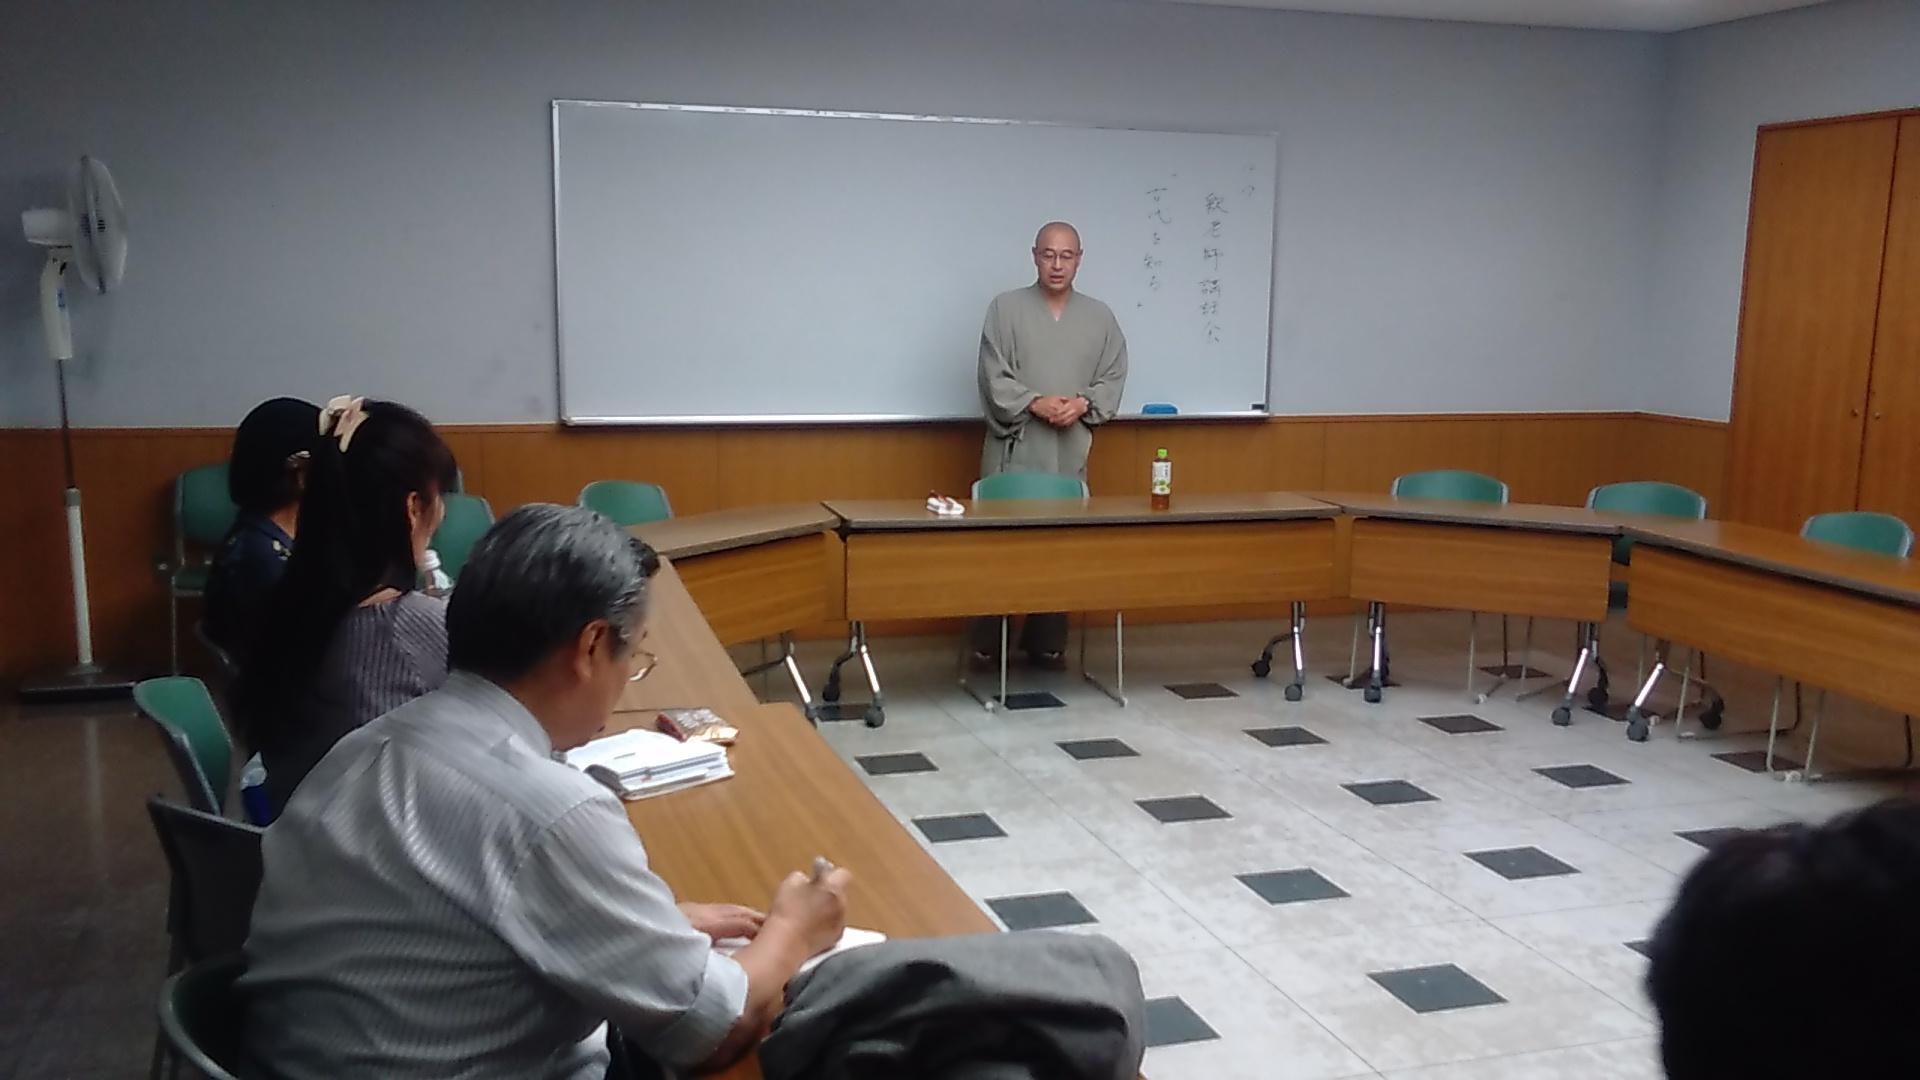 KIMG0833 1 - 釈正輪老師講和会